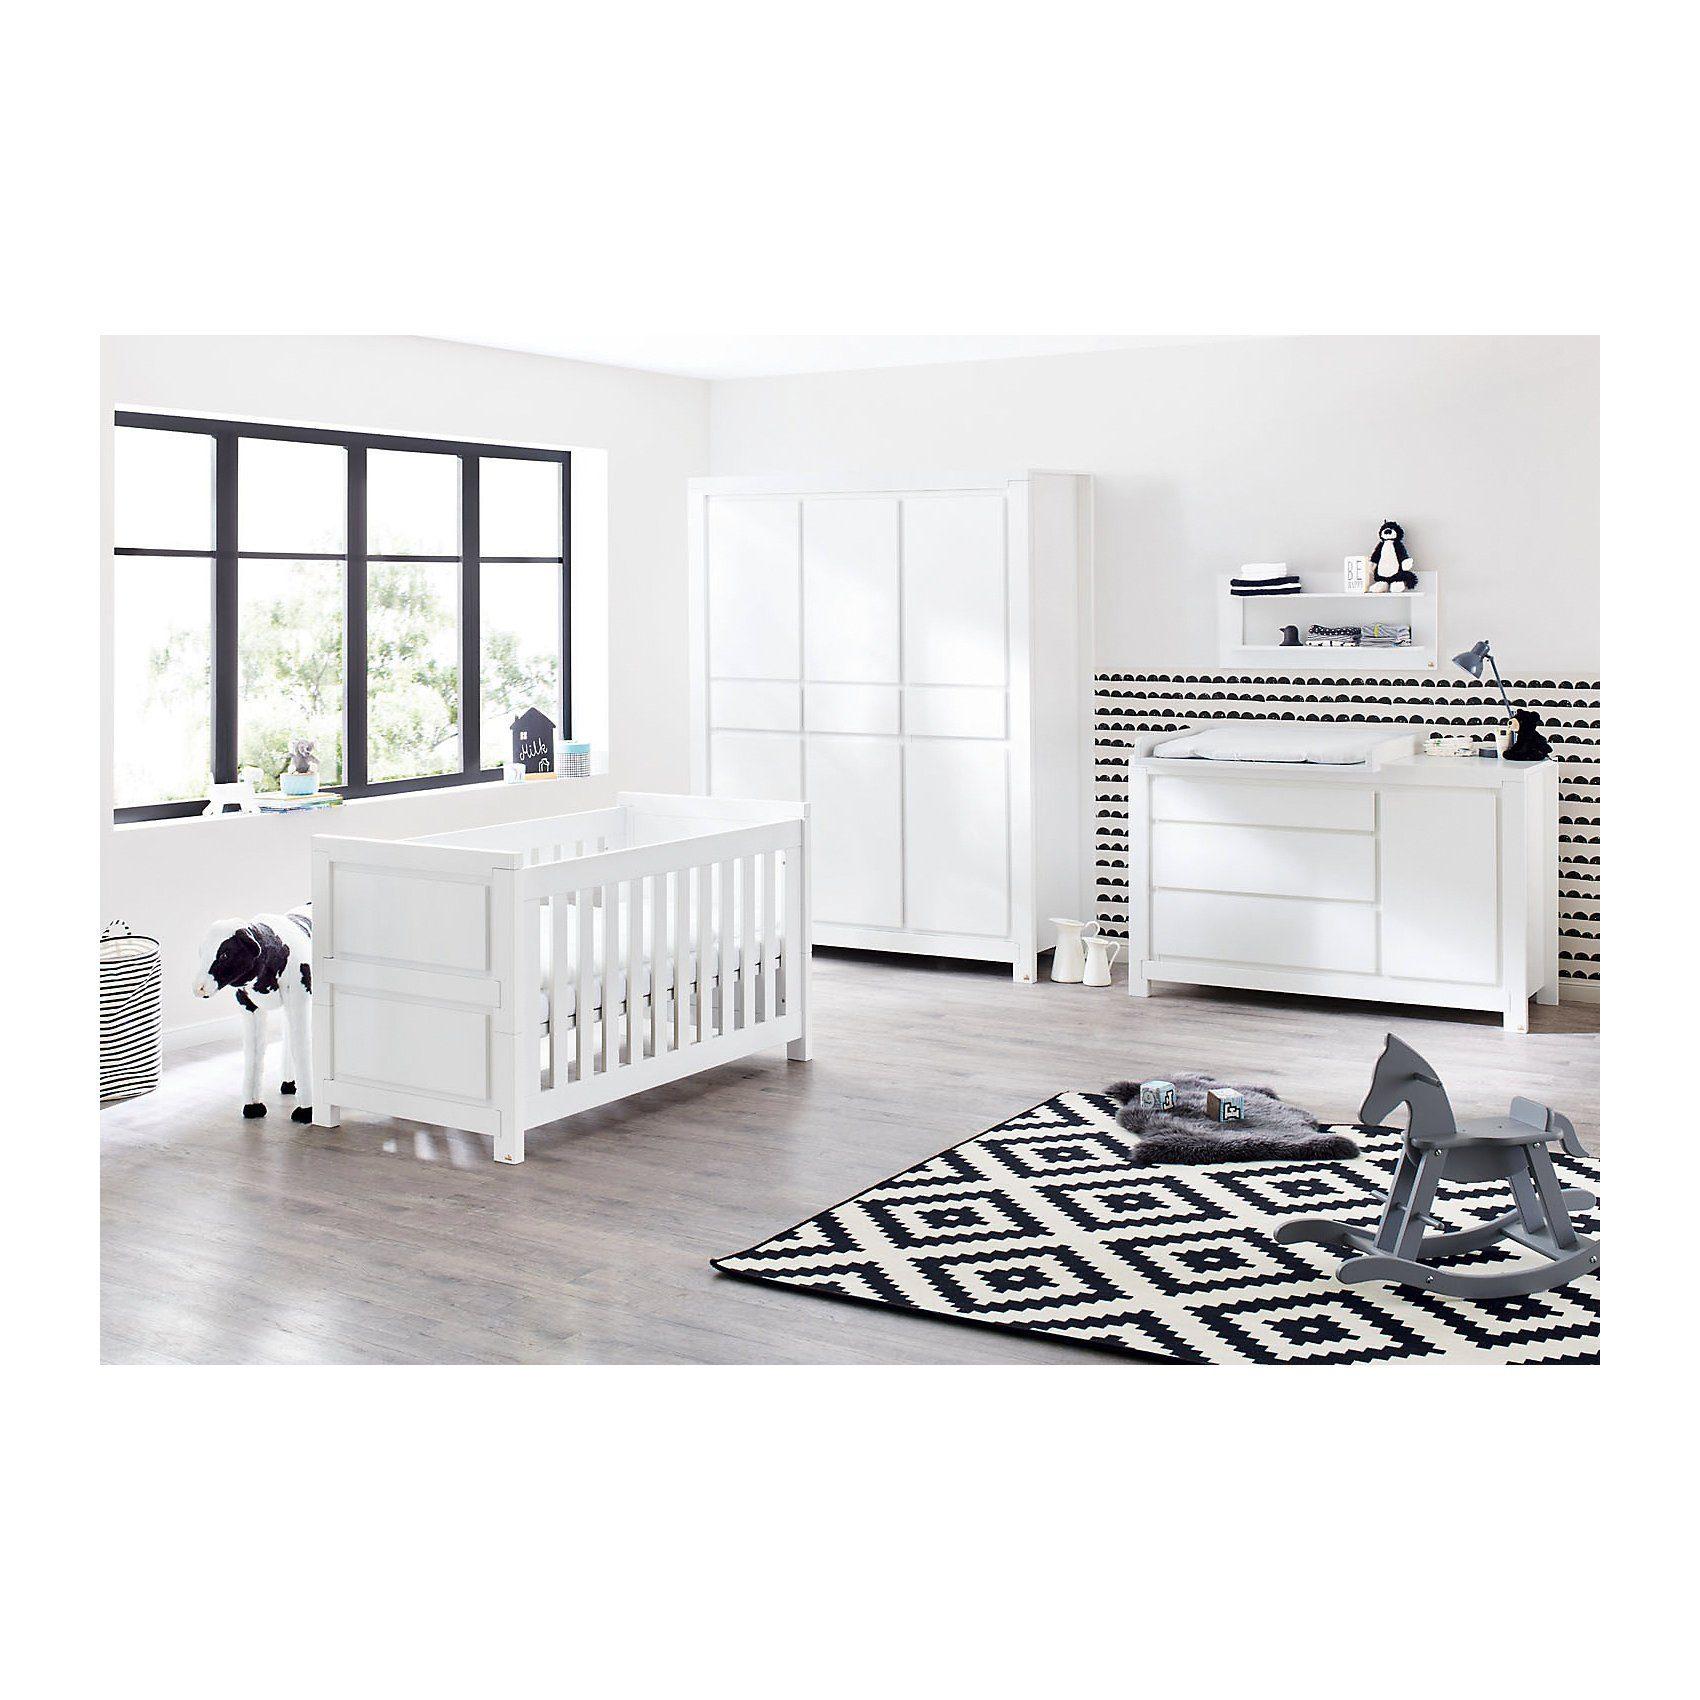 Pinolino Komplett Kinderzimmer MILK, 3-tlg. (Kinderbett, extrabreiter